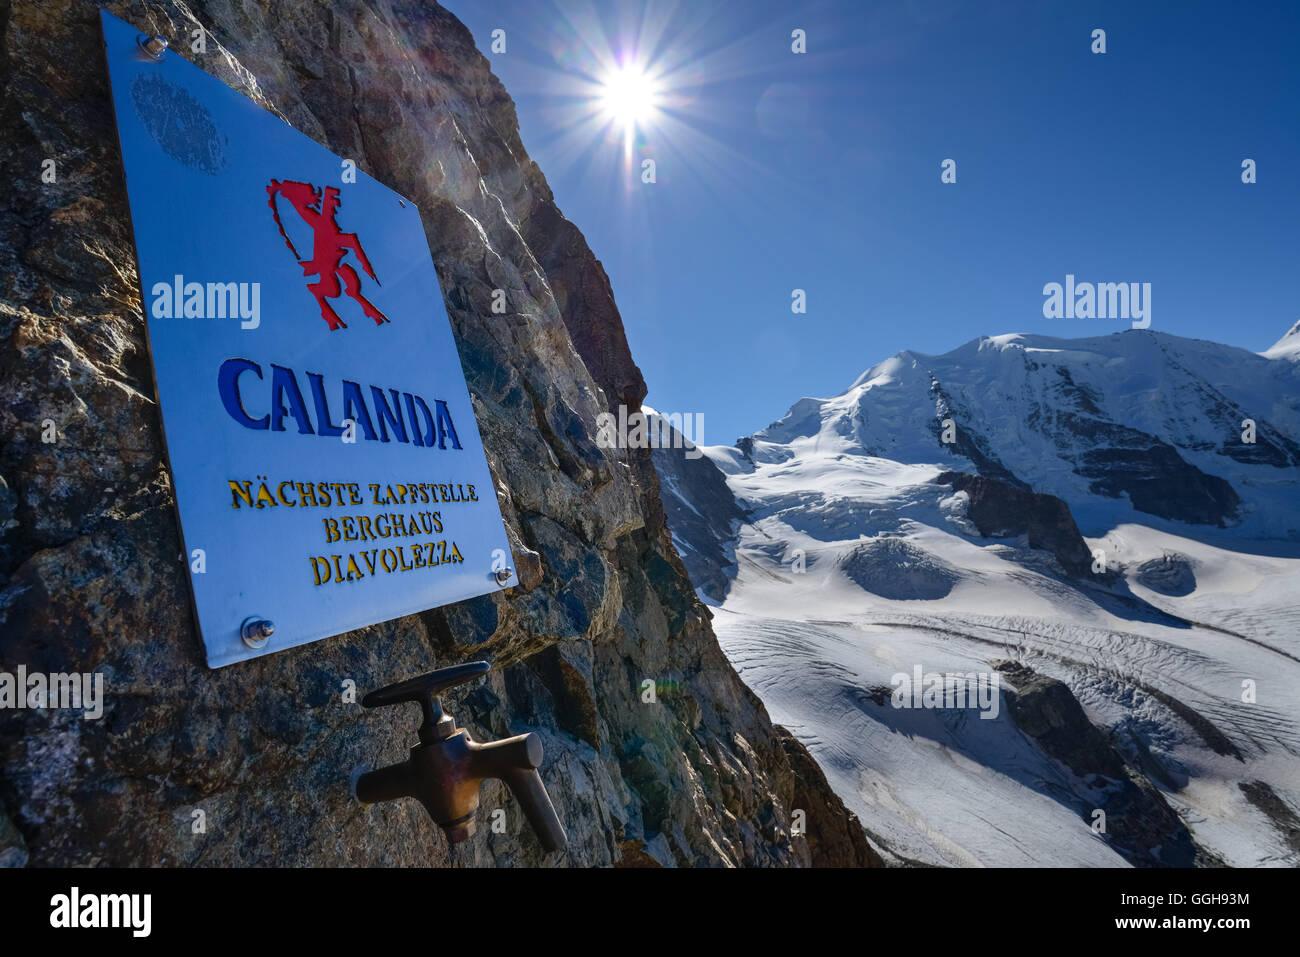 Klettersteig Piz Trovat : Calanda bier fass in die klettersteige am piz trovat mit blick auf